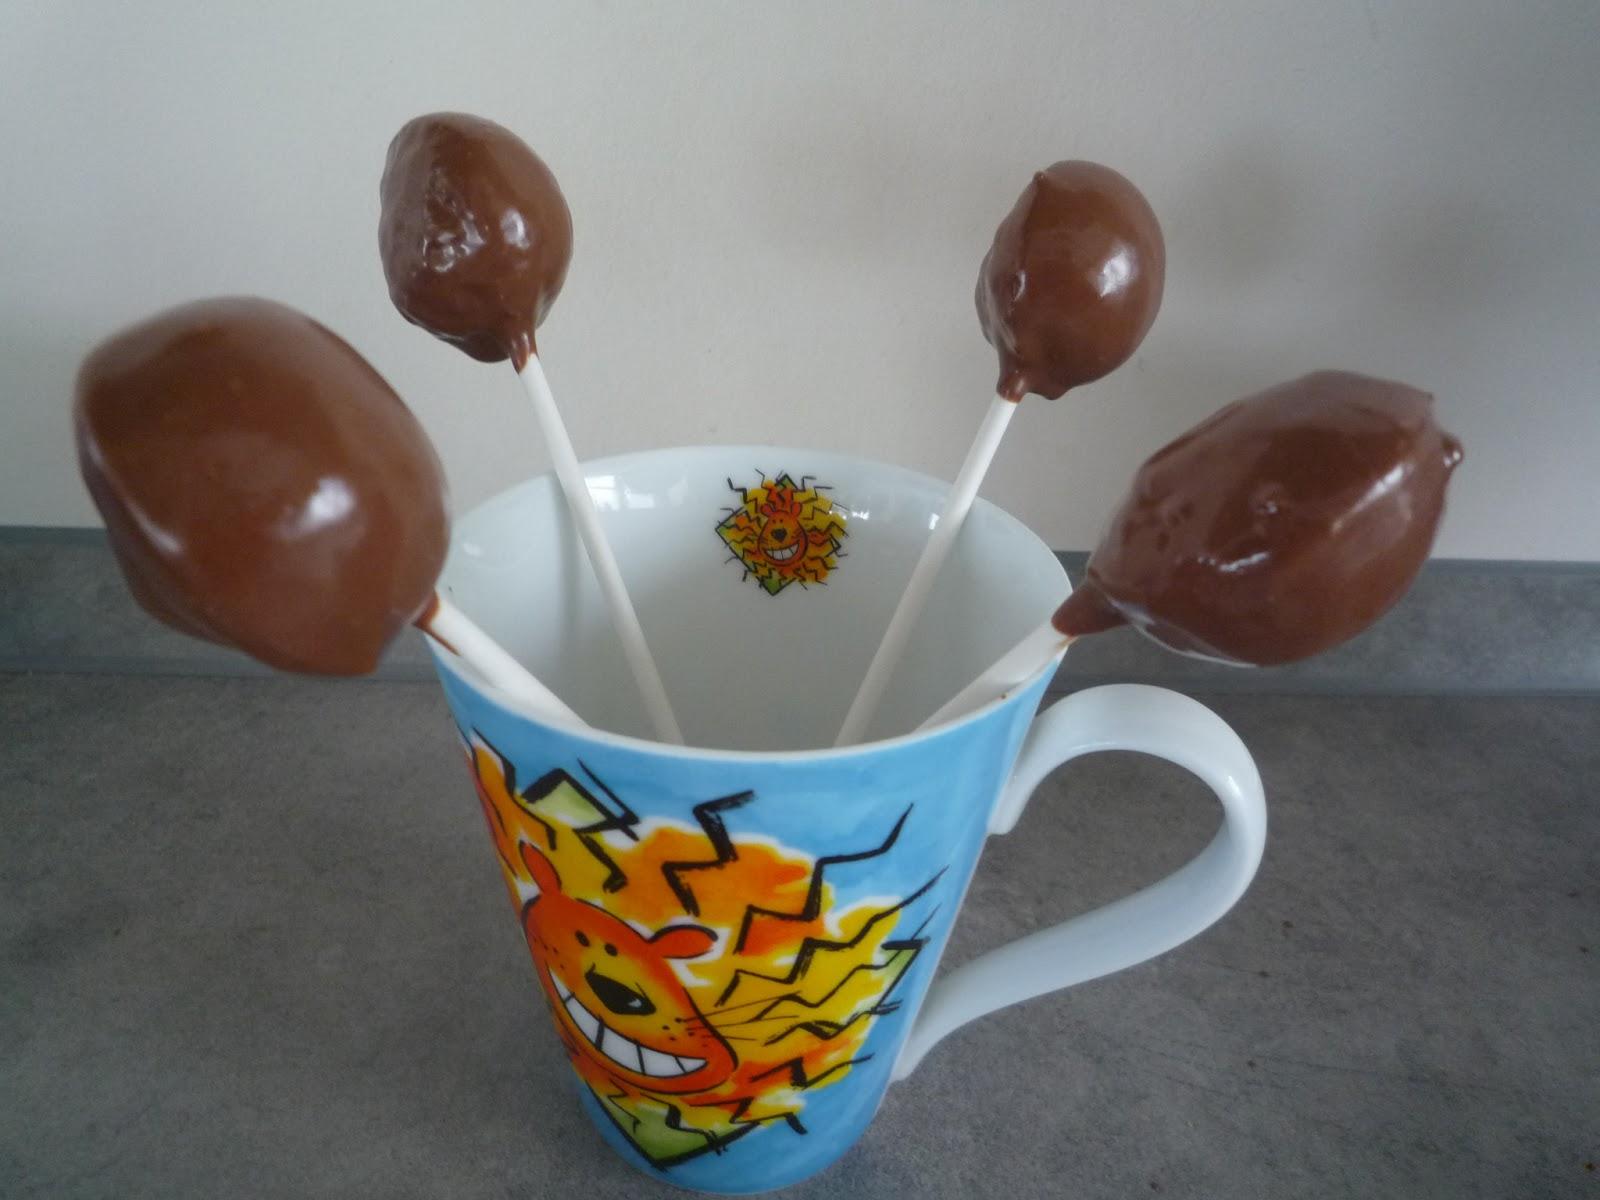 Cakepops, Cake Pops, Osterhasen, Ostern, Oster-Cakepops, Osterhasen-Cakepops